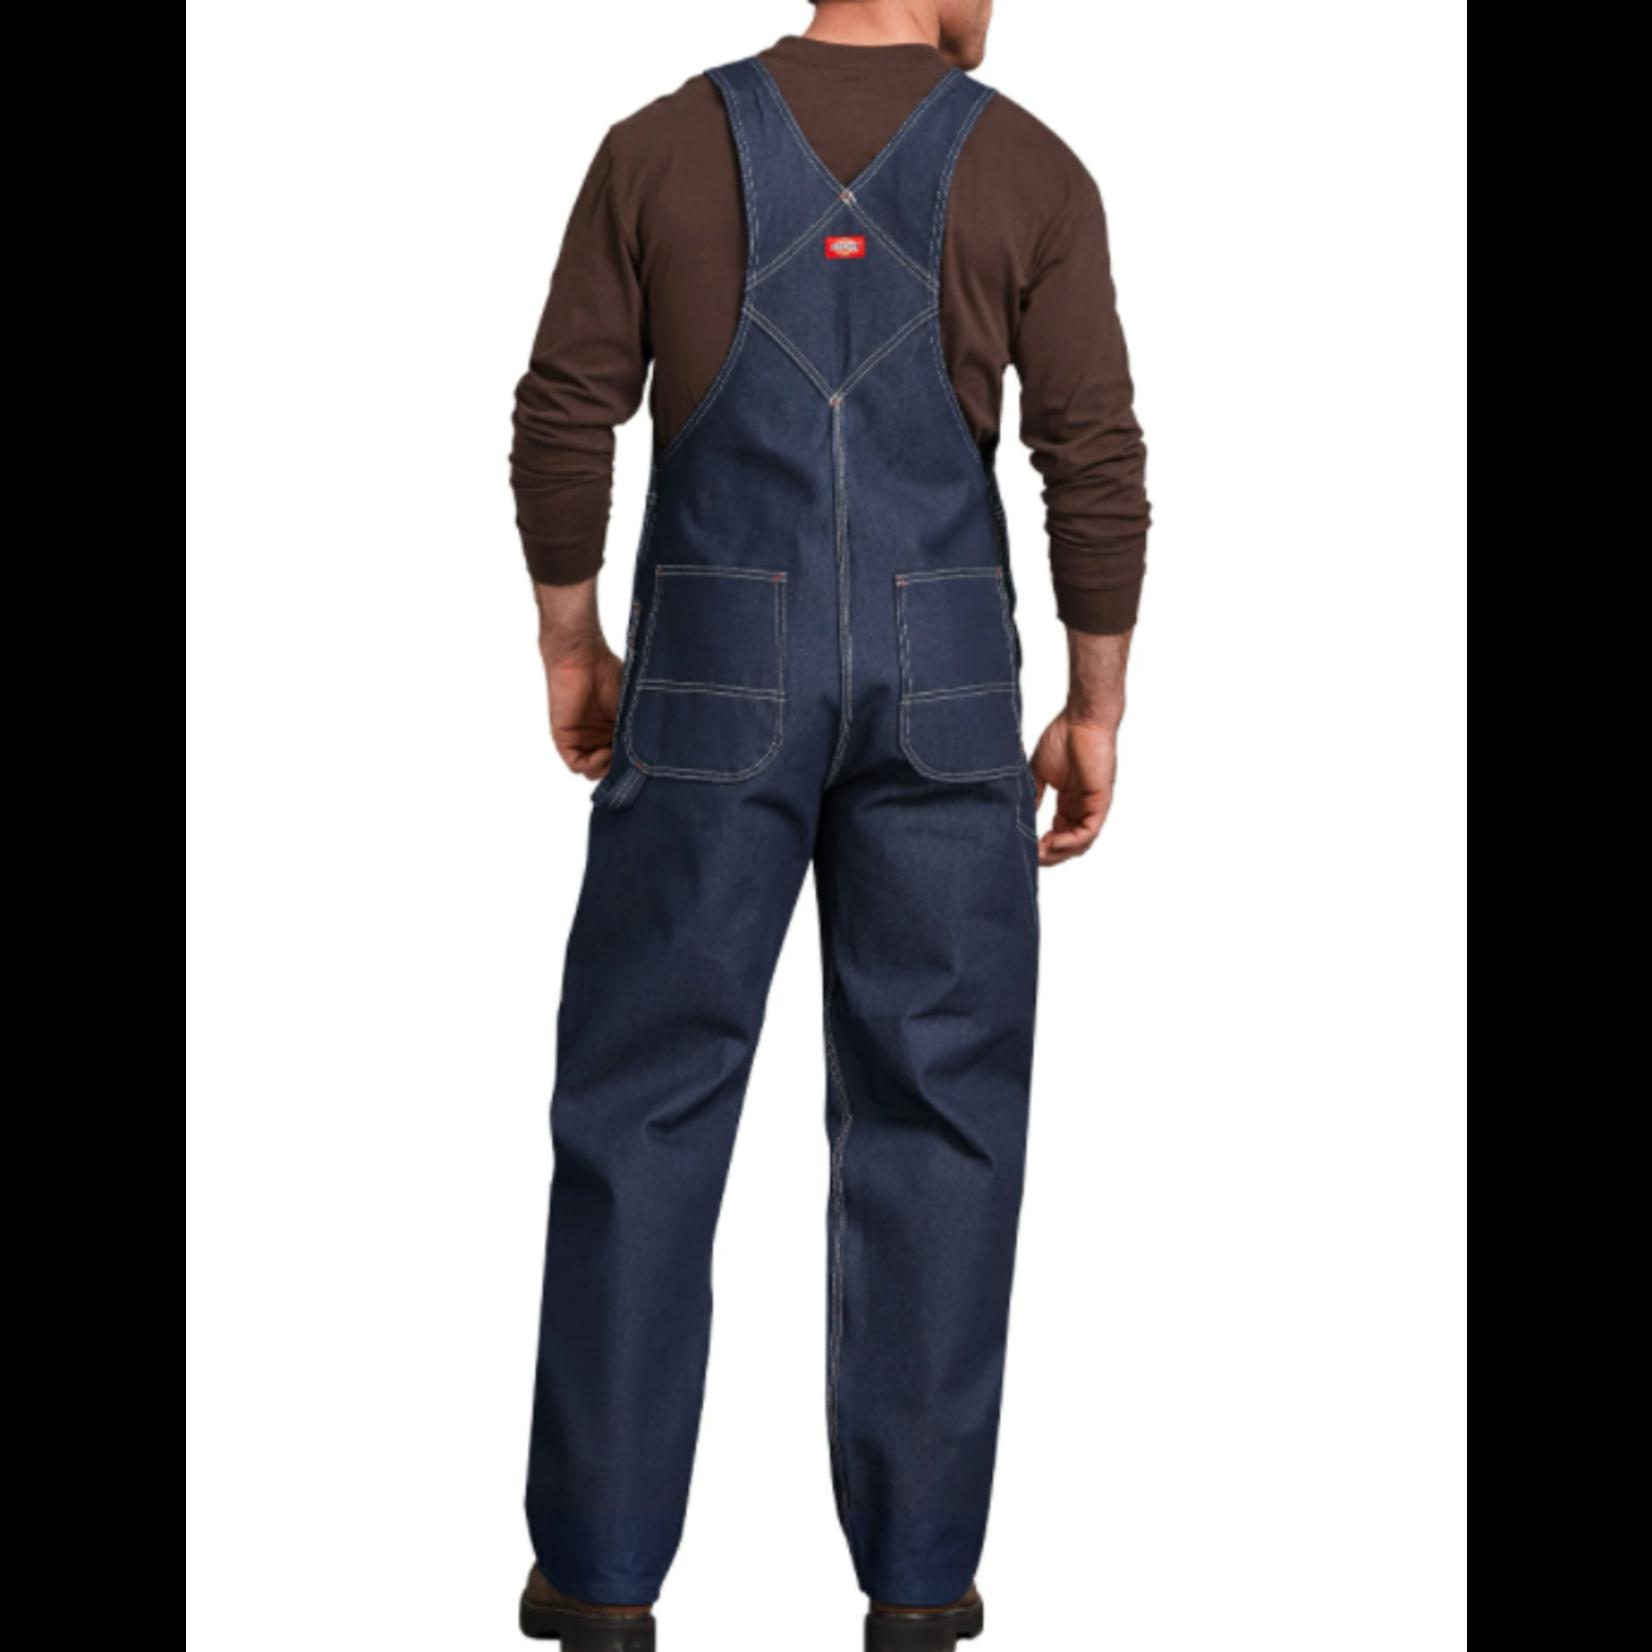 Dickies Dickies Men's Indigo Bib Overalls - 83294NB